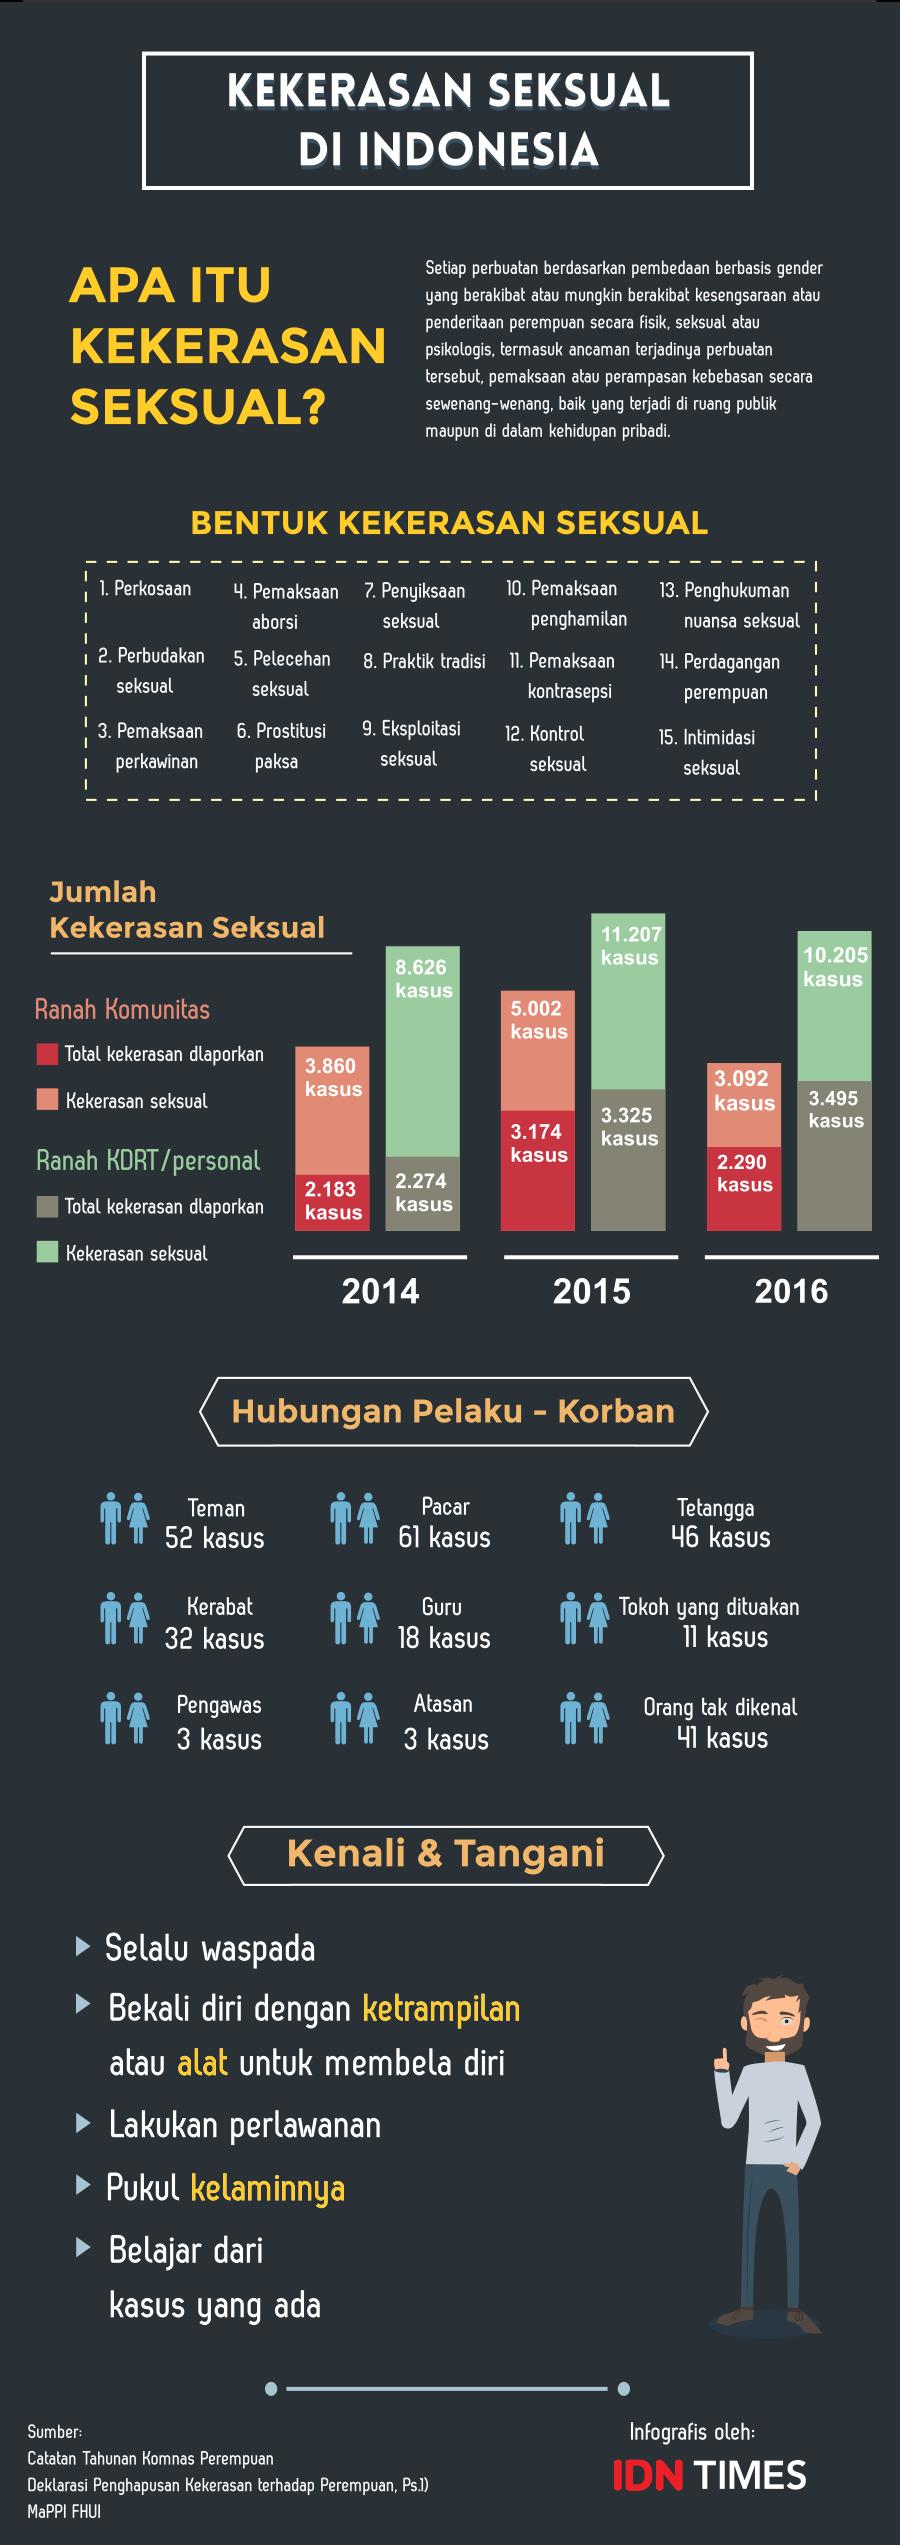 [INFOGRAFIS] Fakta Kekerasan Seksual yang Bisa Saja Terjadi Padamu